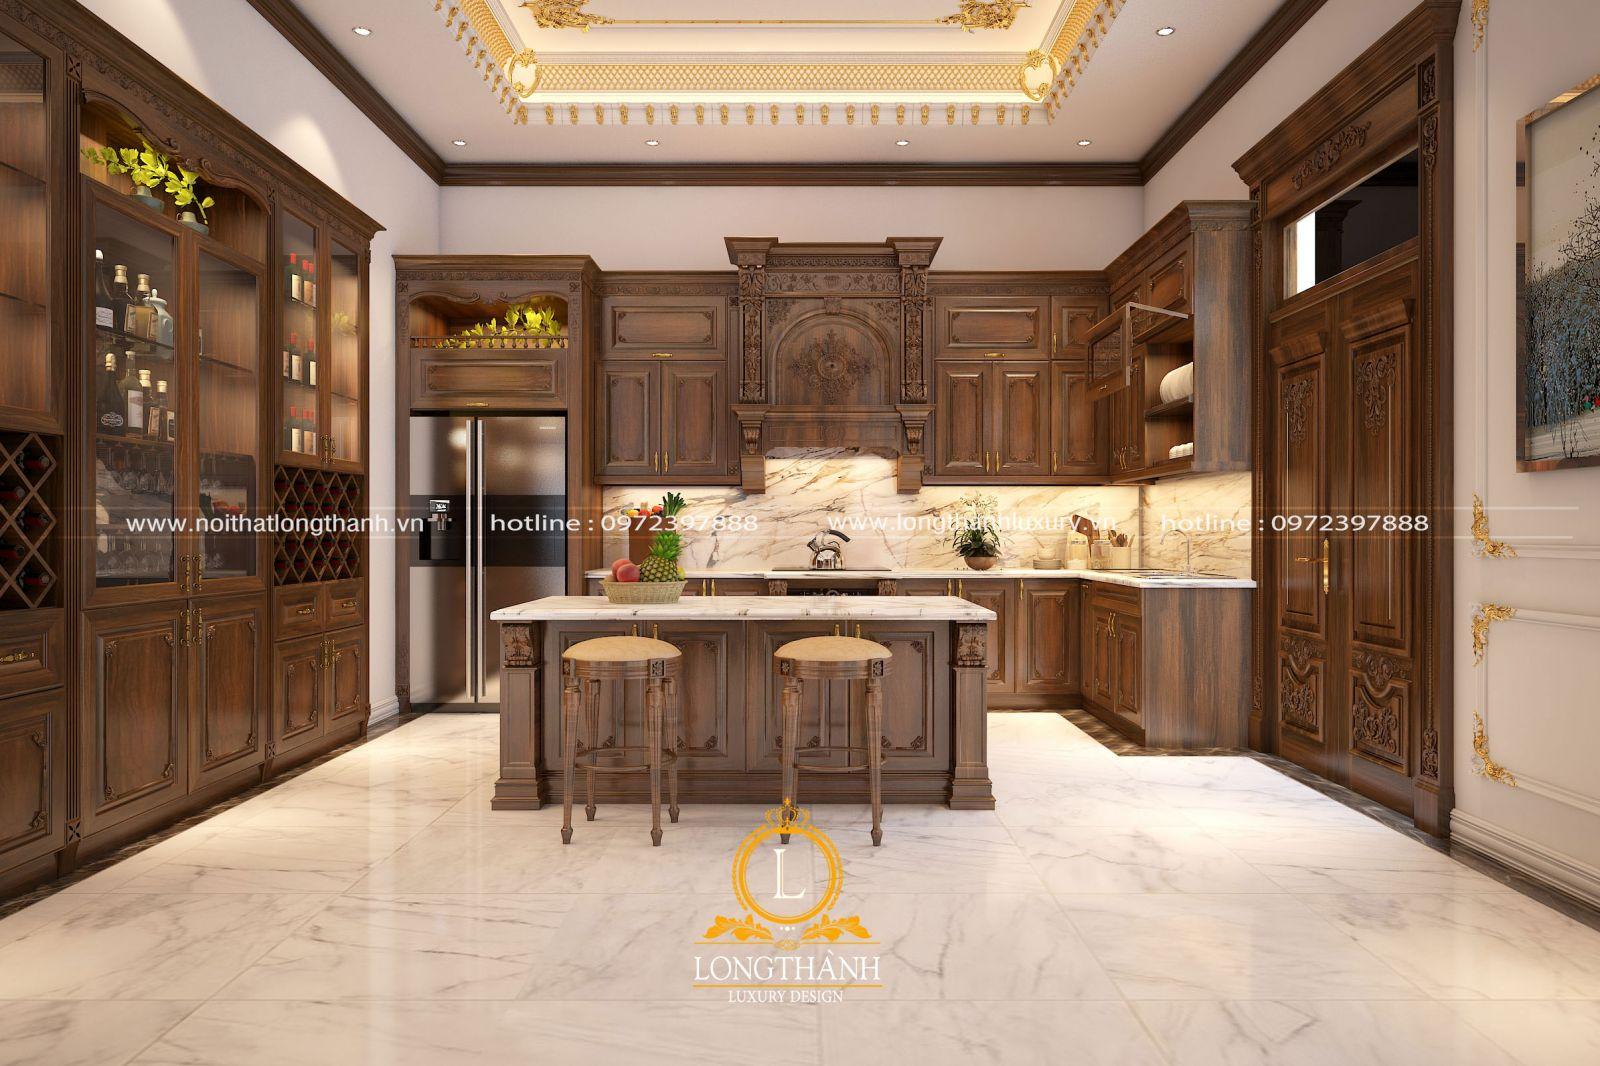 Bộ tủ bếp được thiết kế hài hòa và tinh tế phù hợp với mệnh của gia chủ